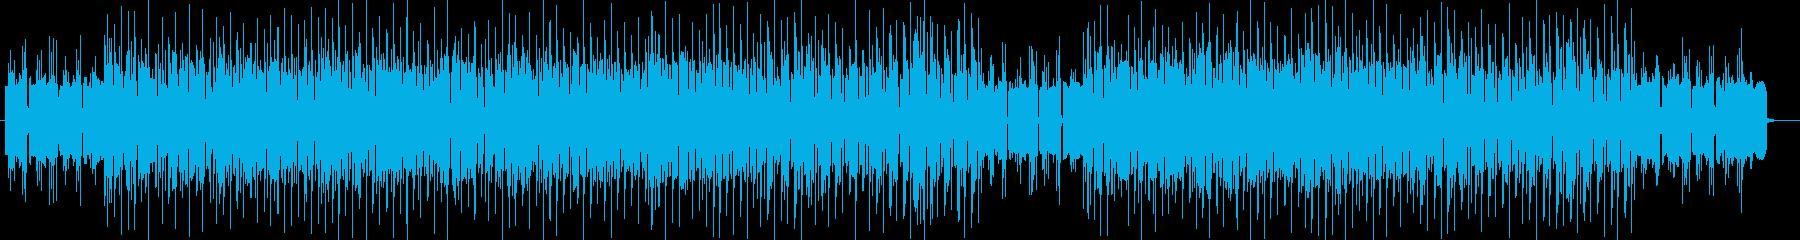 ベルの音がキラキラ綺麗な楽曲の再生済みの波形